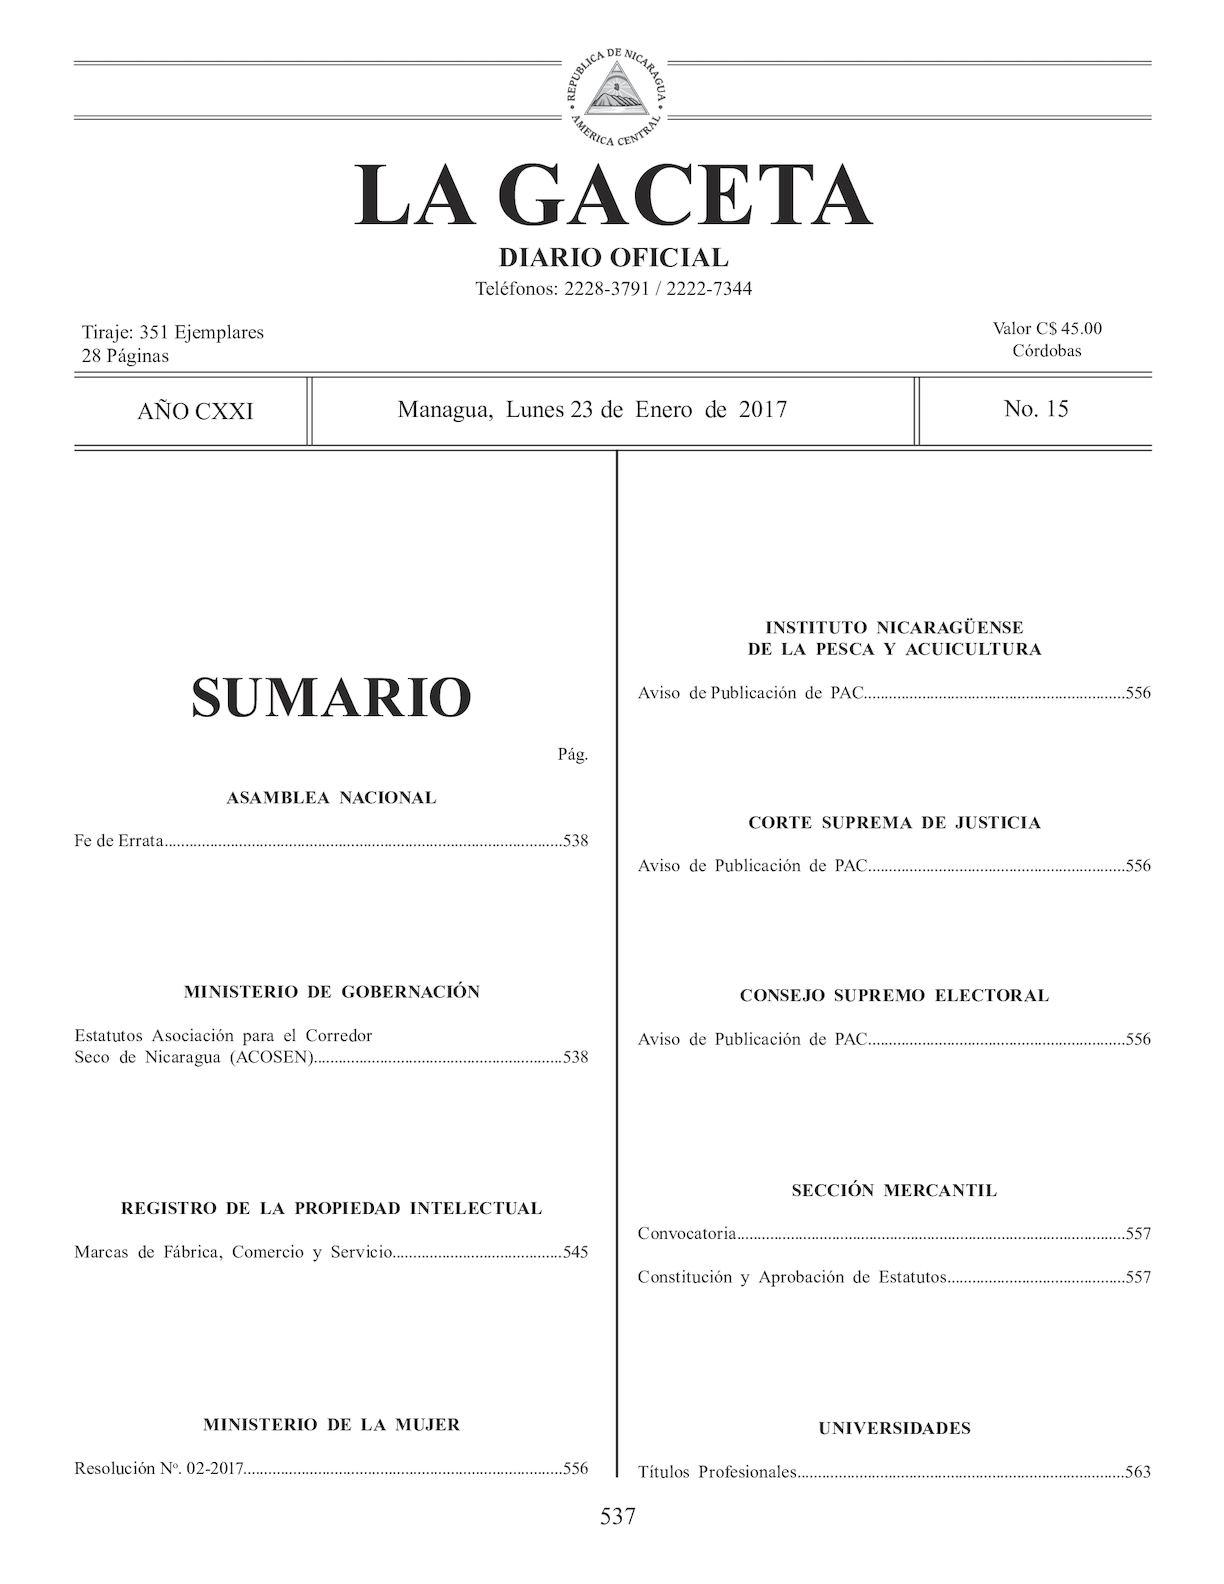 Calaméo - Gaceta No 15 Lunes 23 De Enero De 2017